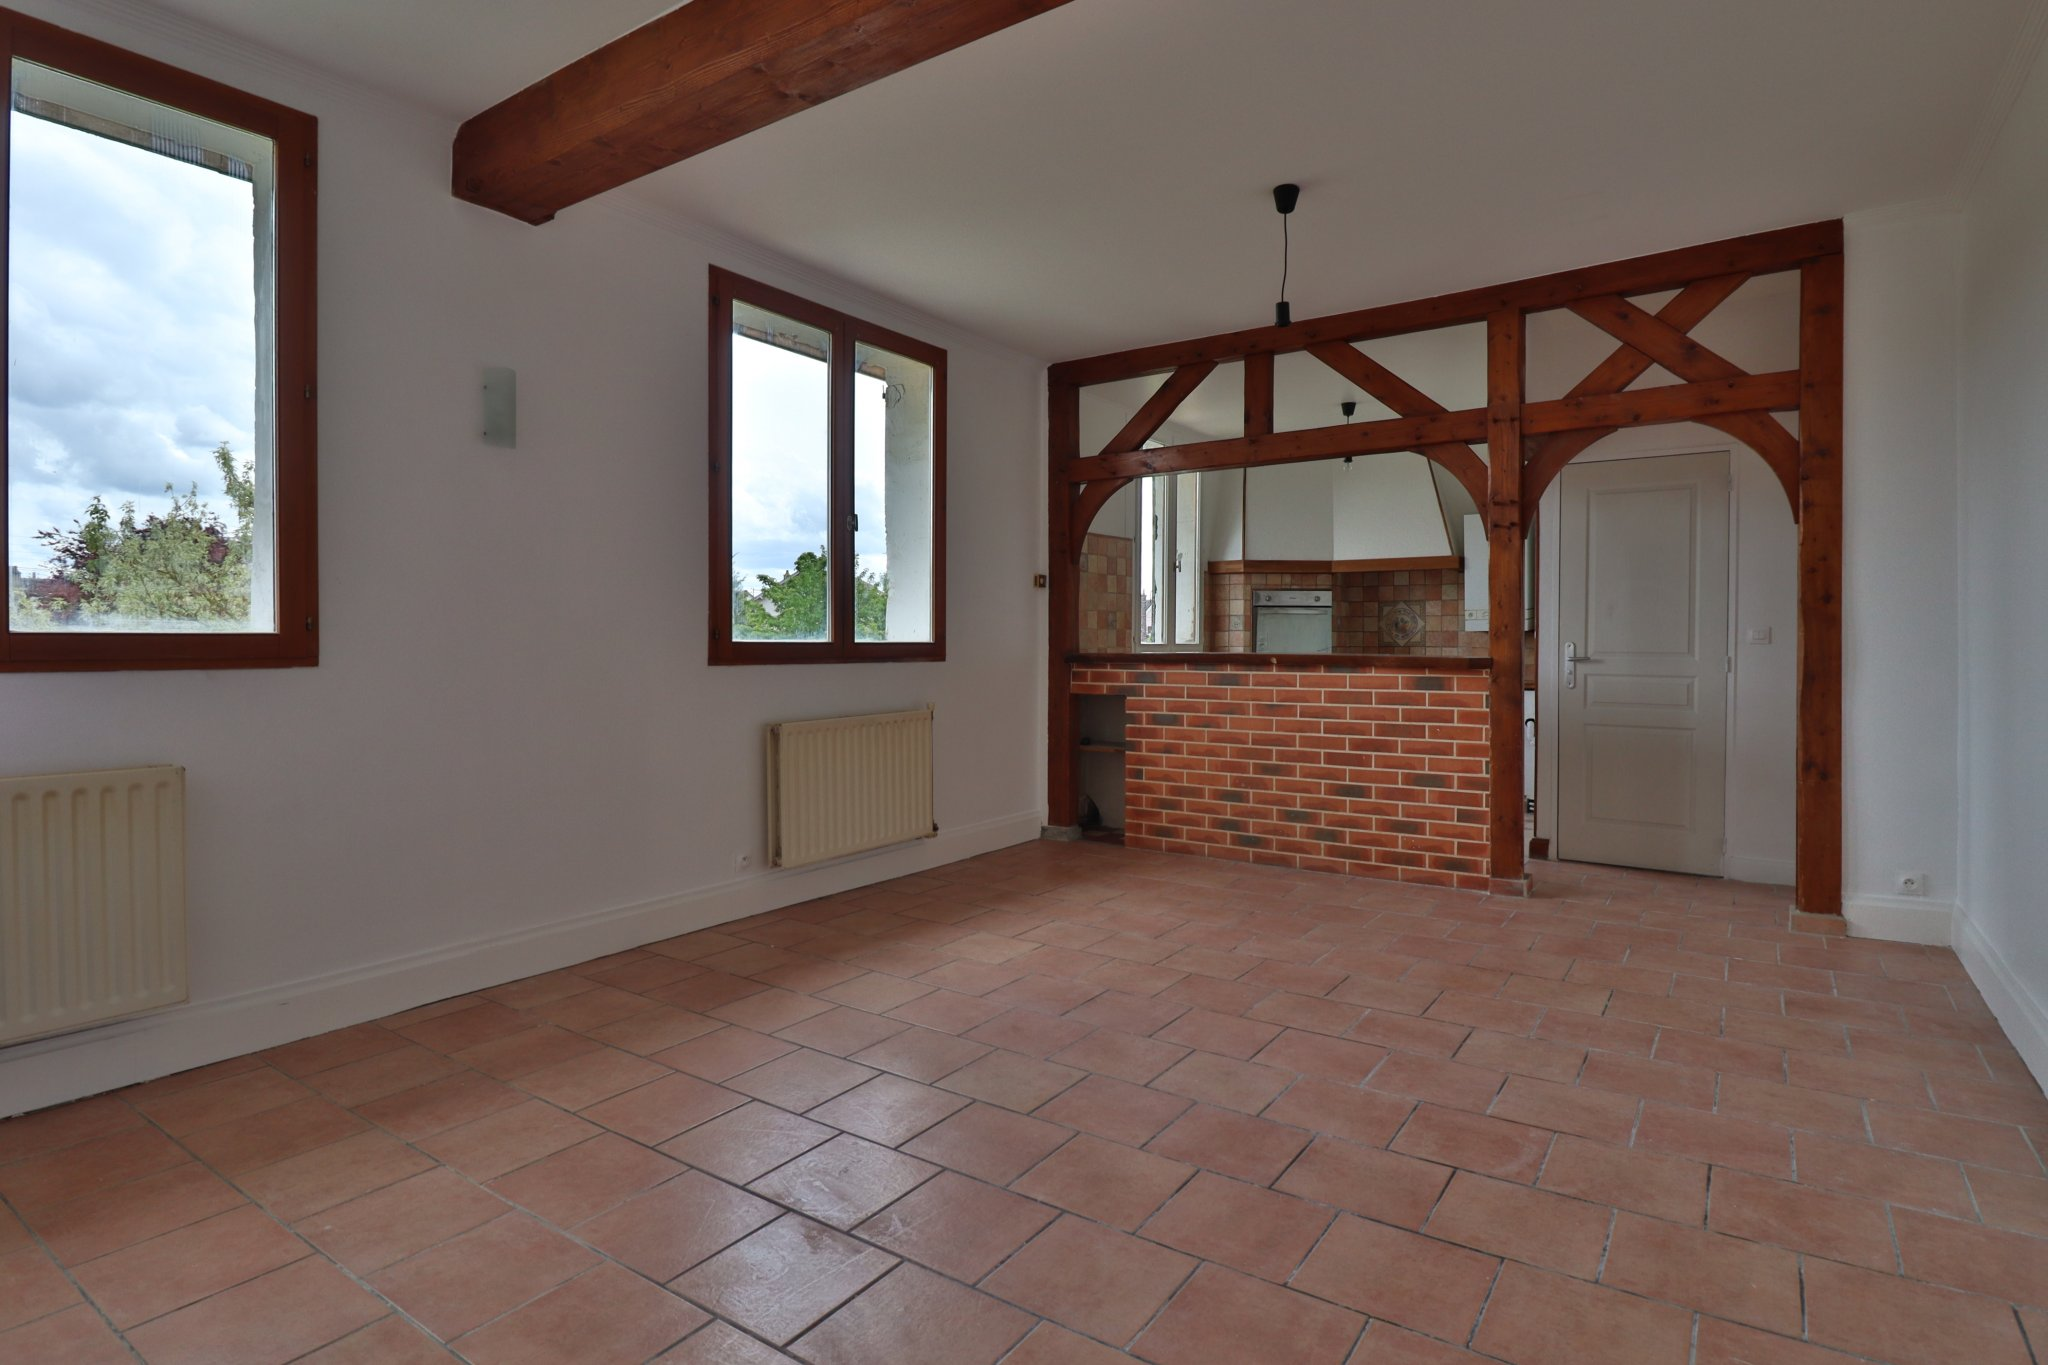 Damonte Achat appartement - Réf n° 1_19166